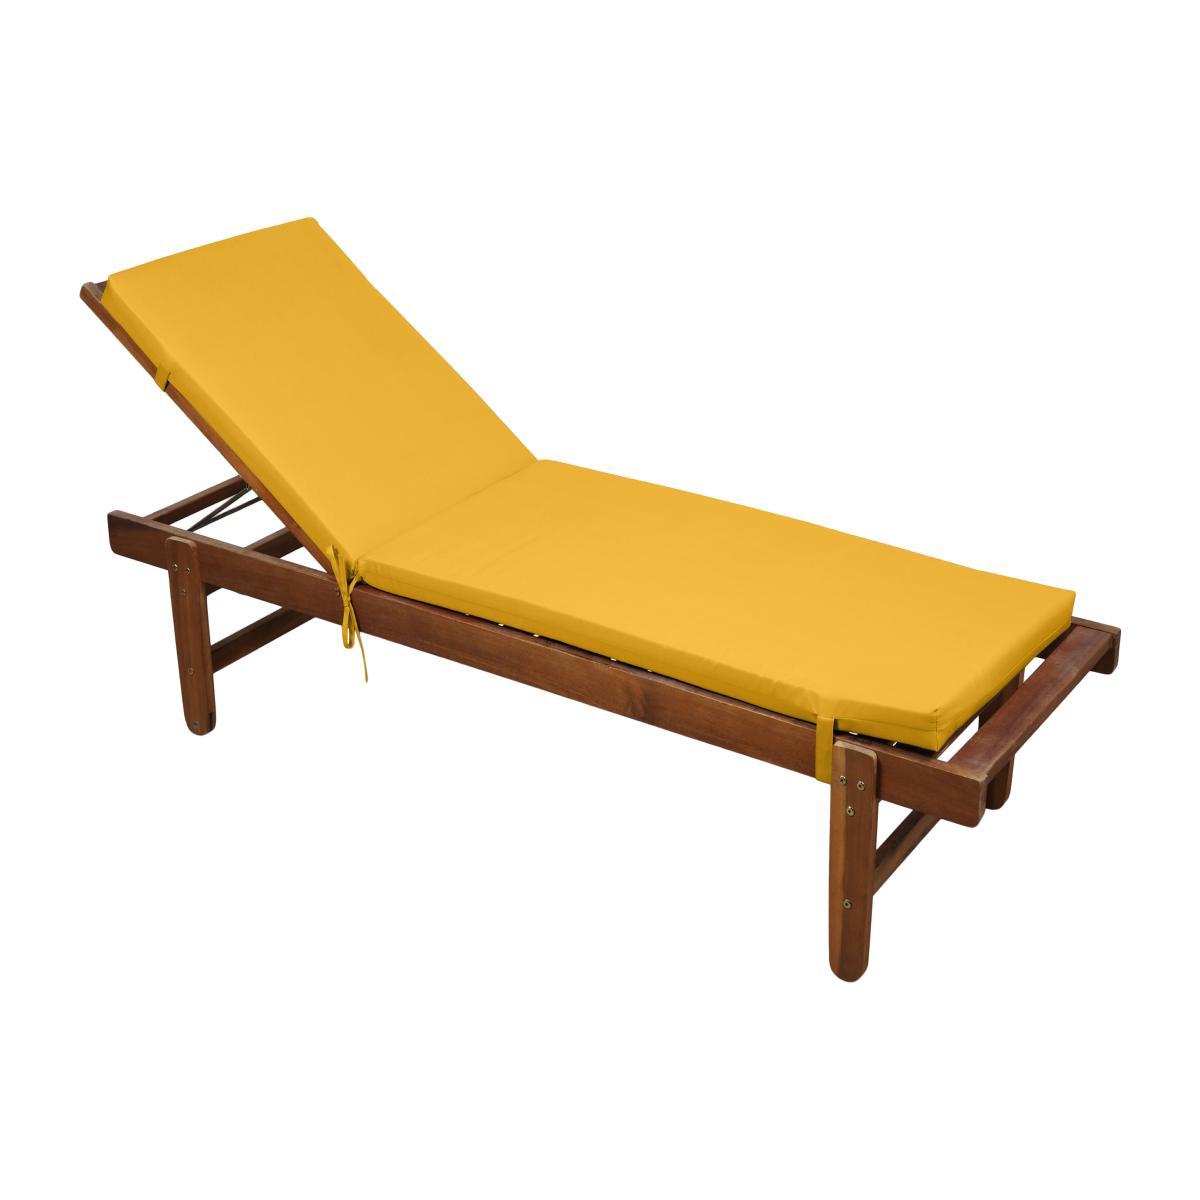 matelas bain de soleil dehoussable jaune moutarde 60x190cm 100 microfibre attache a clips